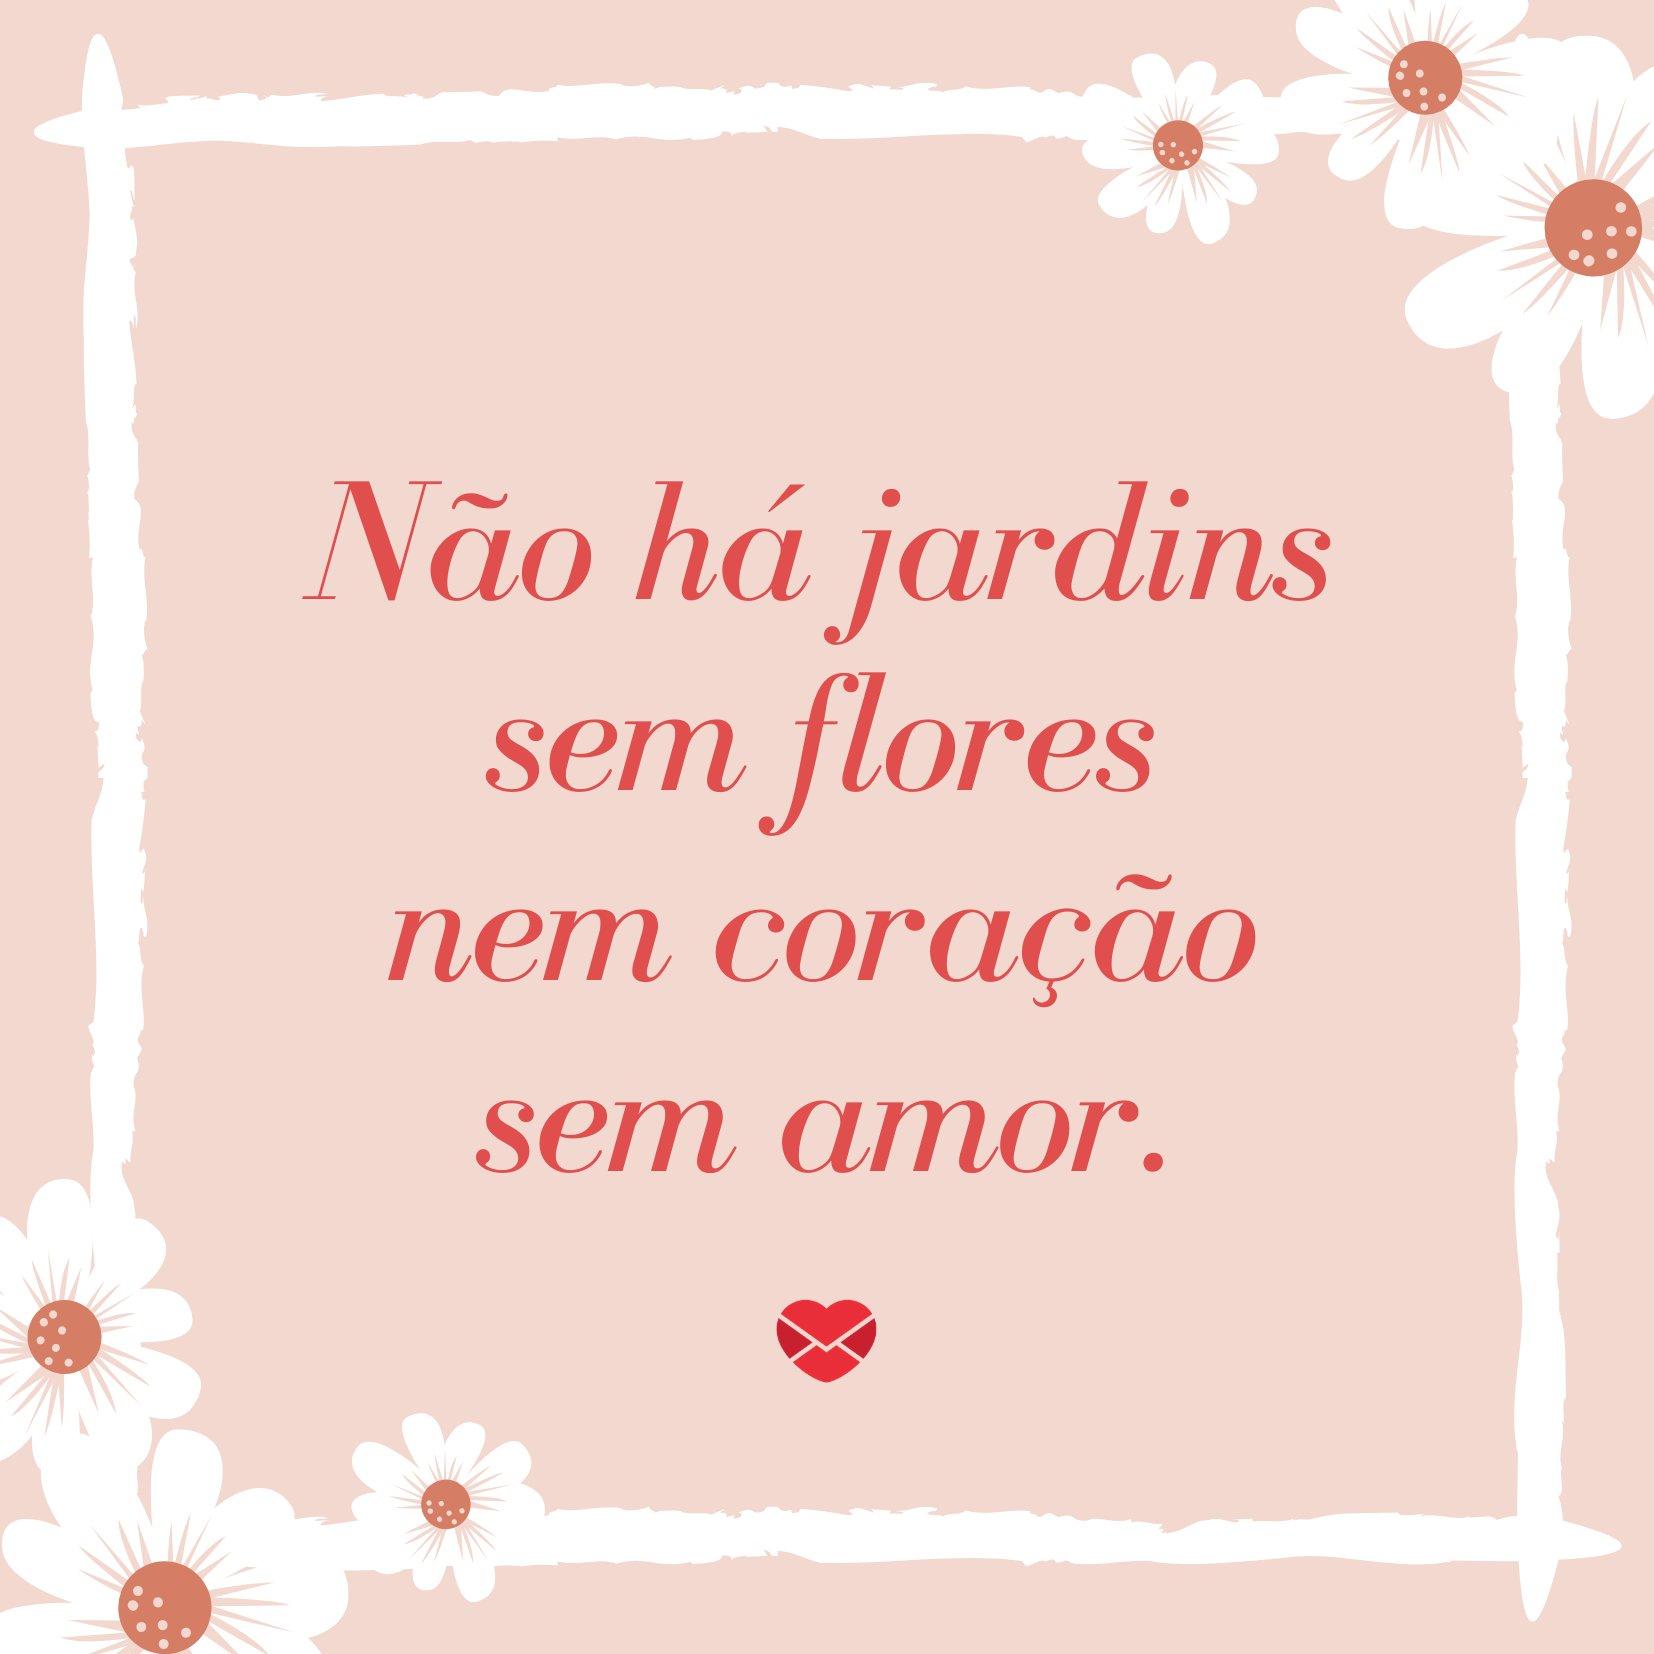 'Não há jardins sem flores nem coração sem amor.' - Frases para Convites